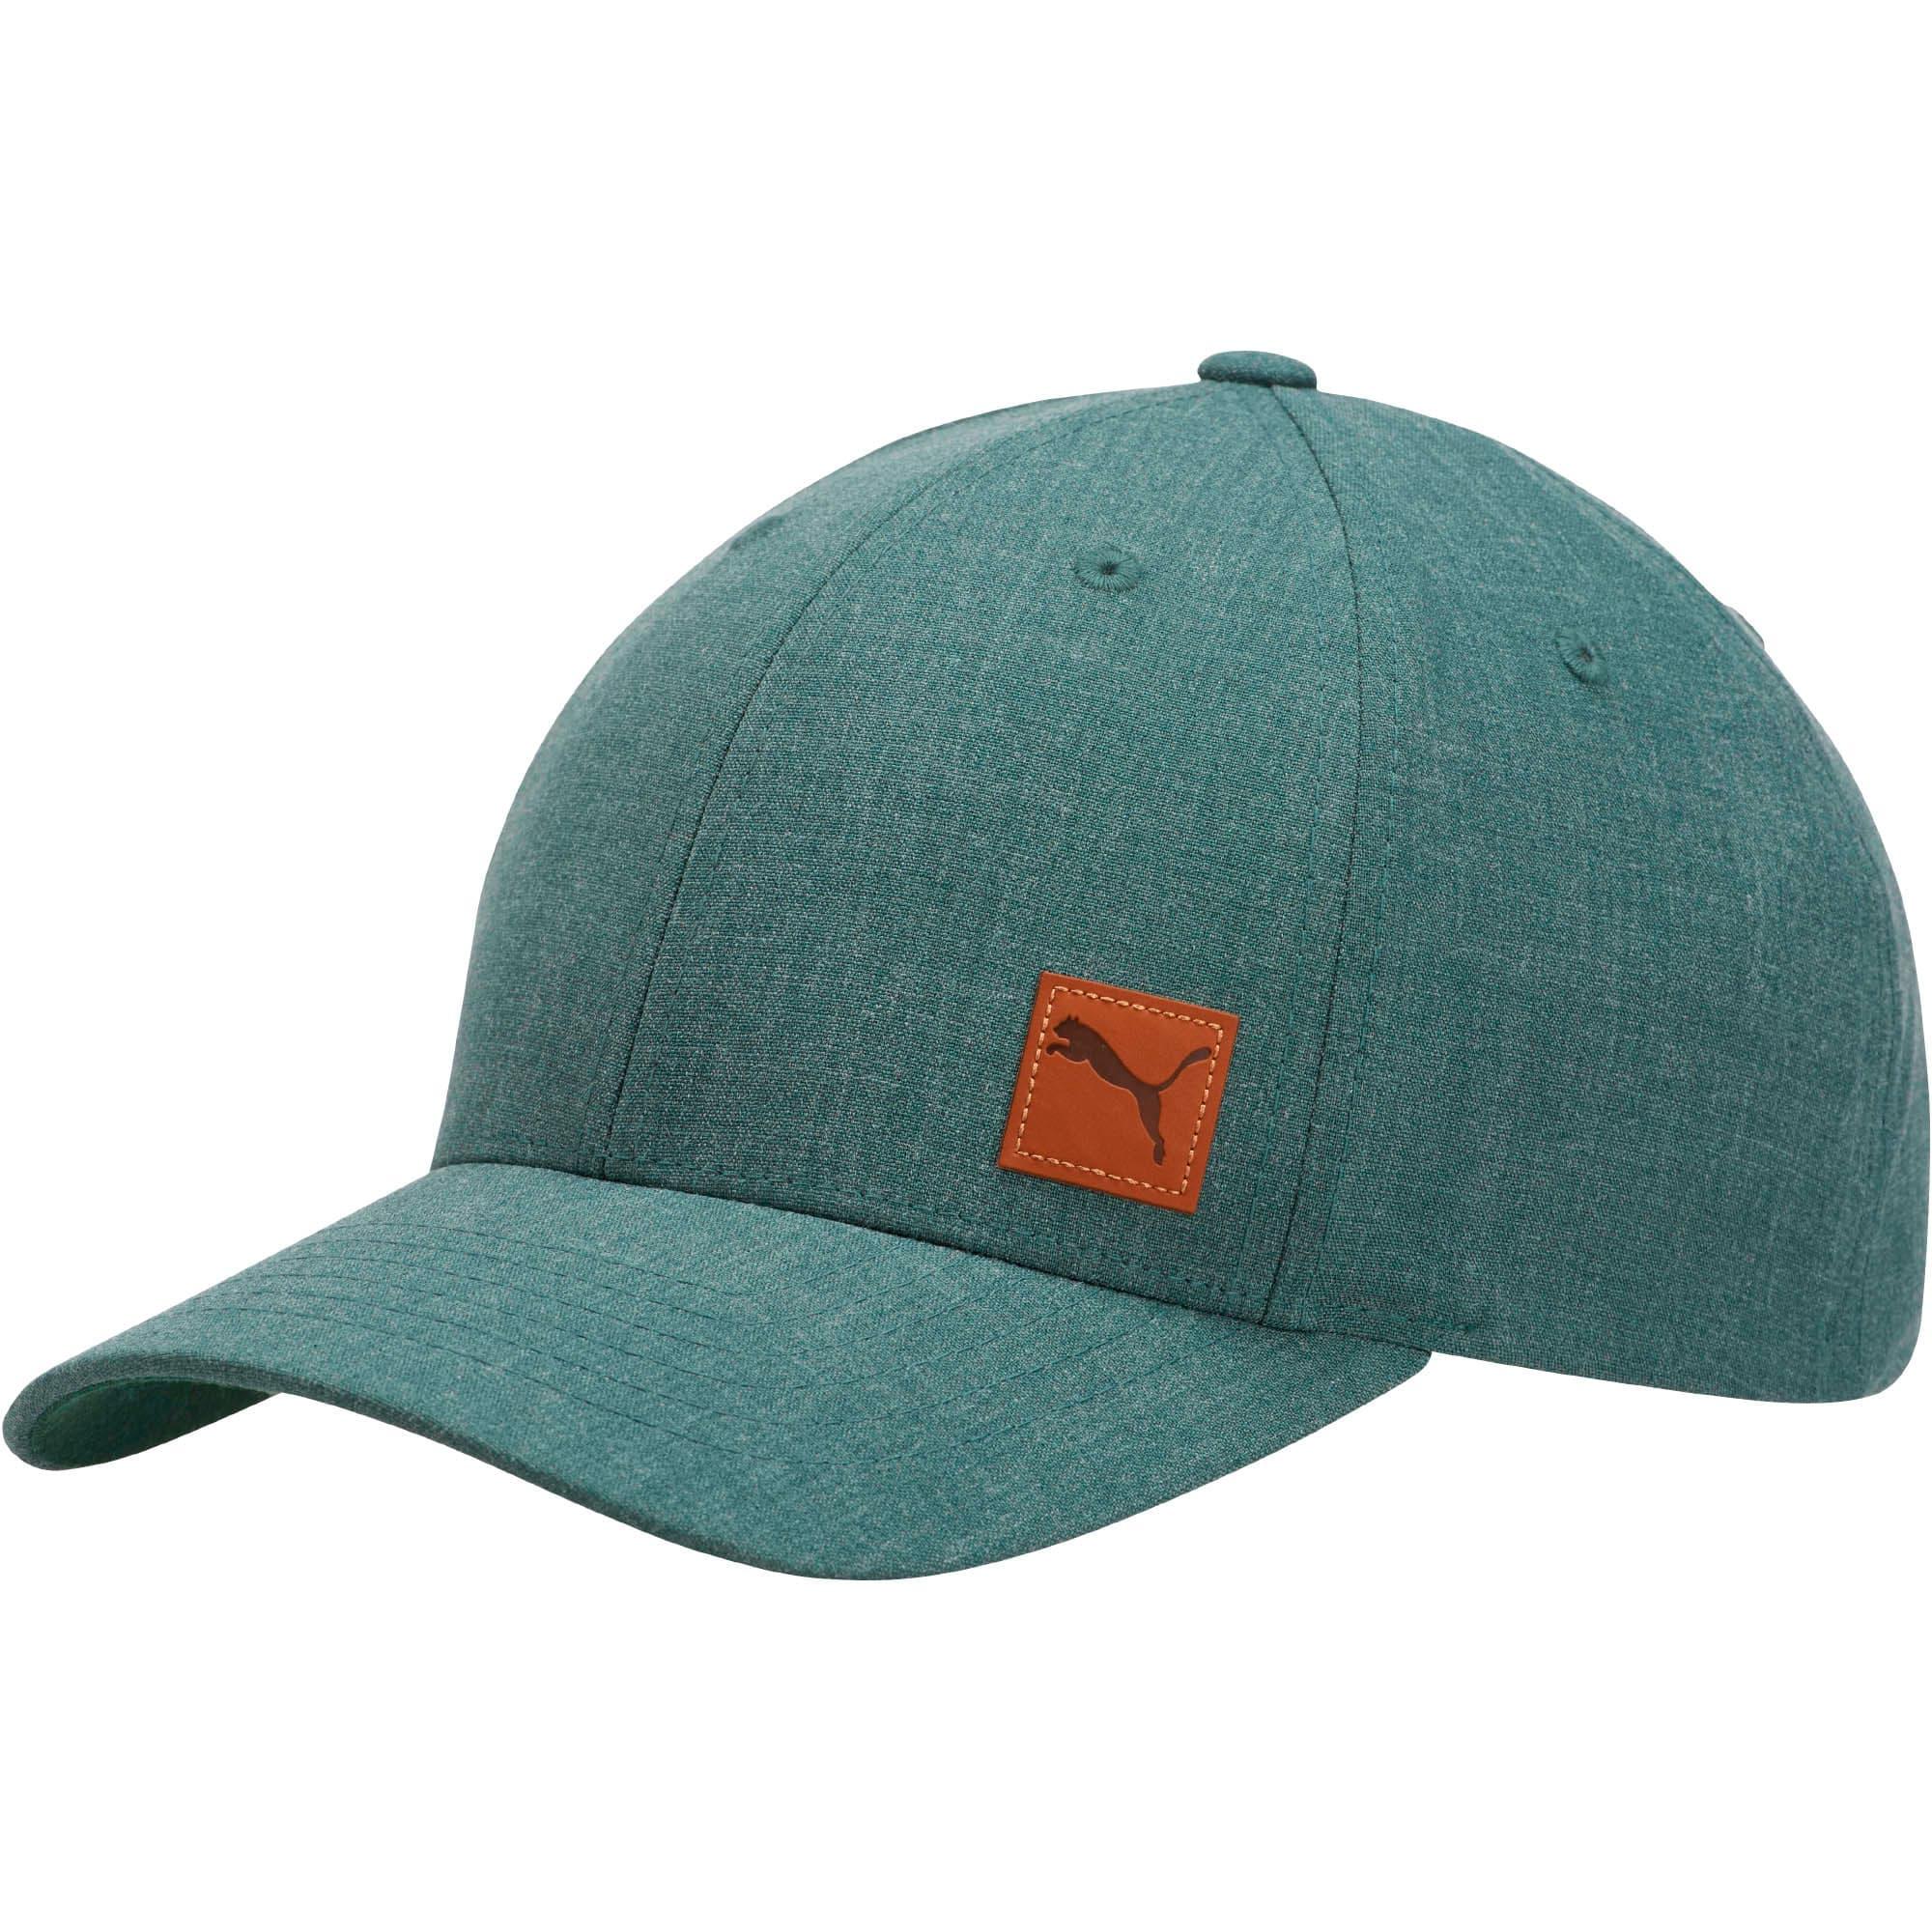 Thumbnail 1 of Denominator Flexfit Hat, Dark Green, medium